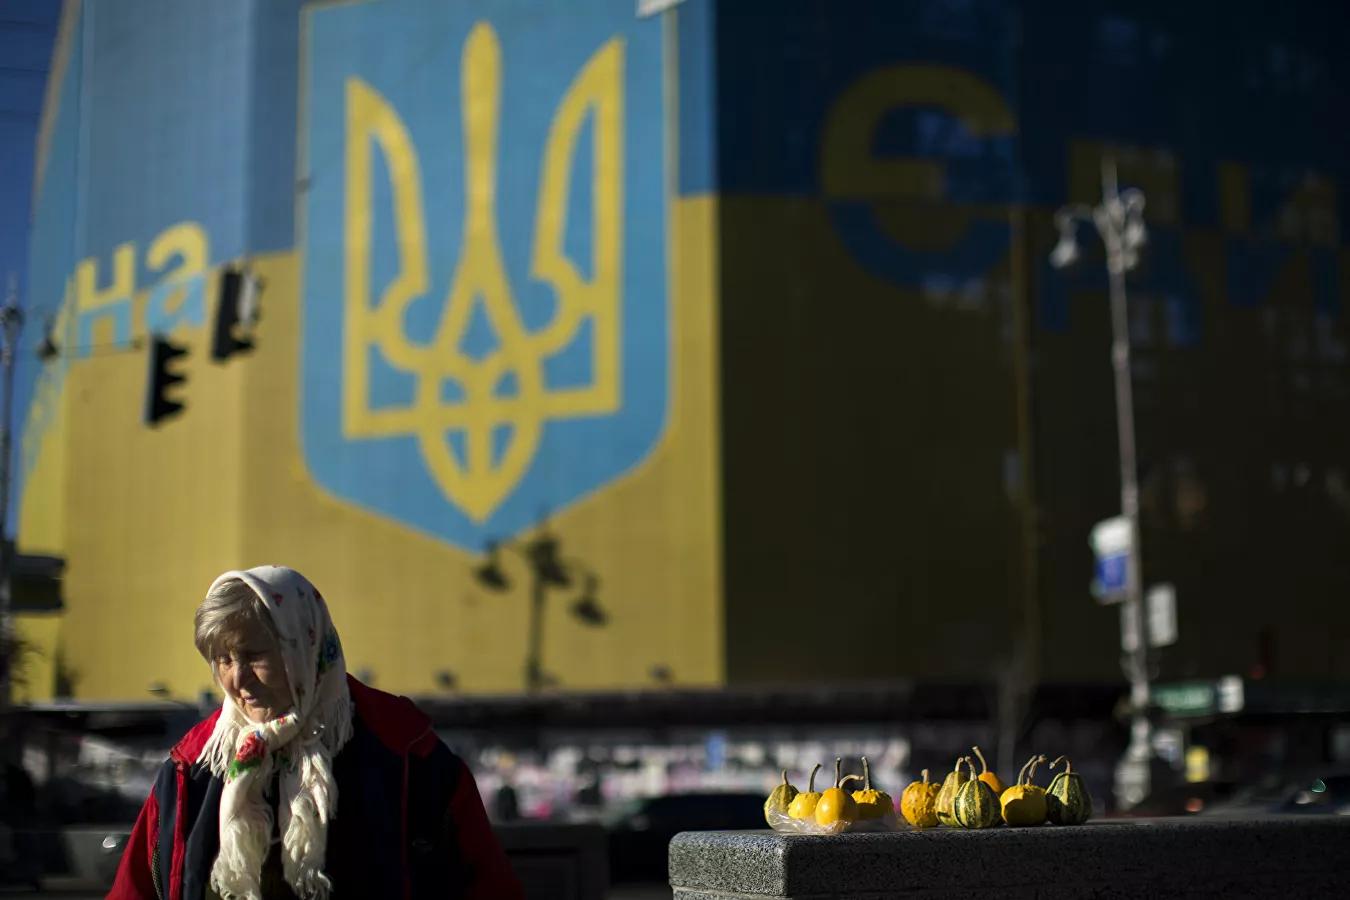 20200119_17-37-В Великобритании отреагировали на претензии Украины из-за тризуба-pic1